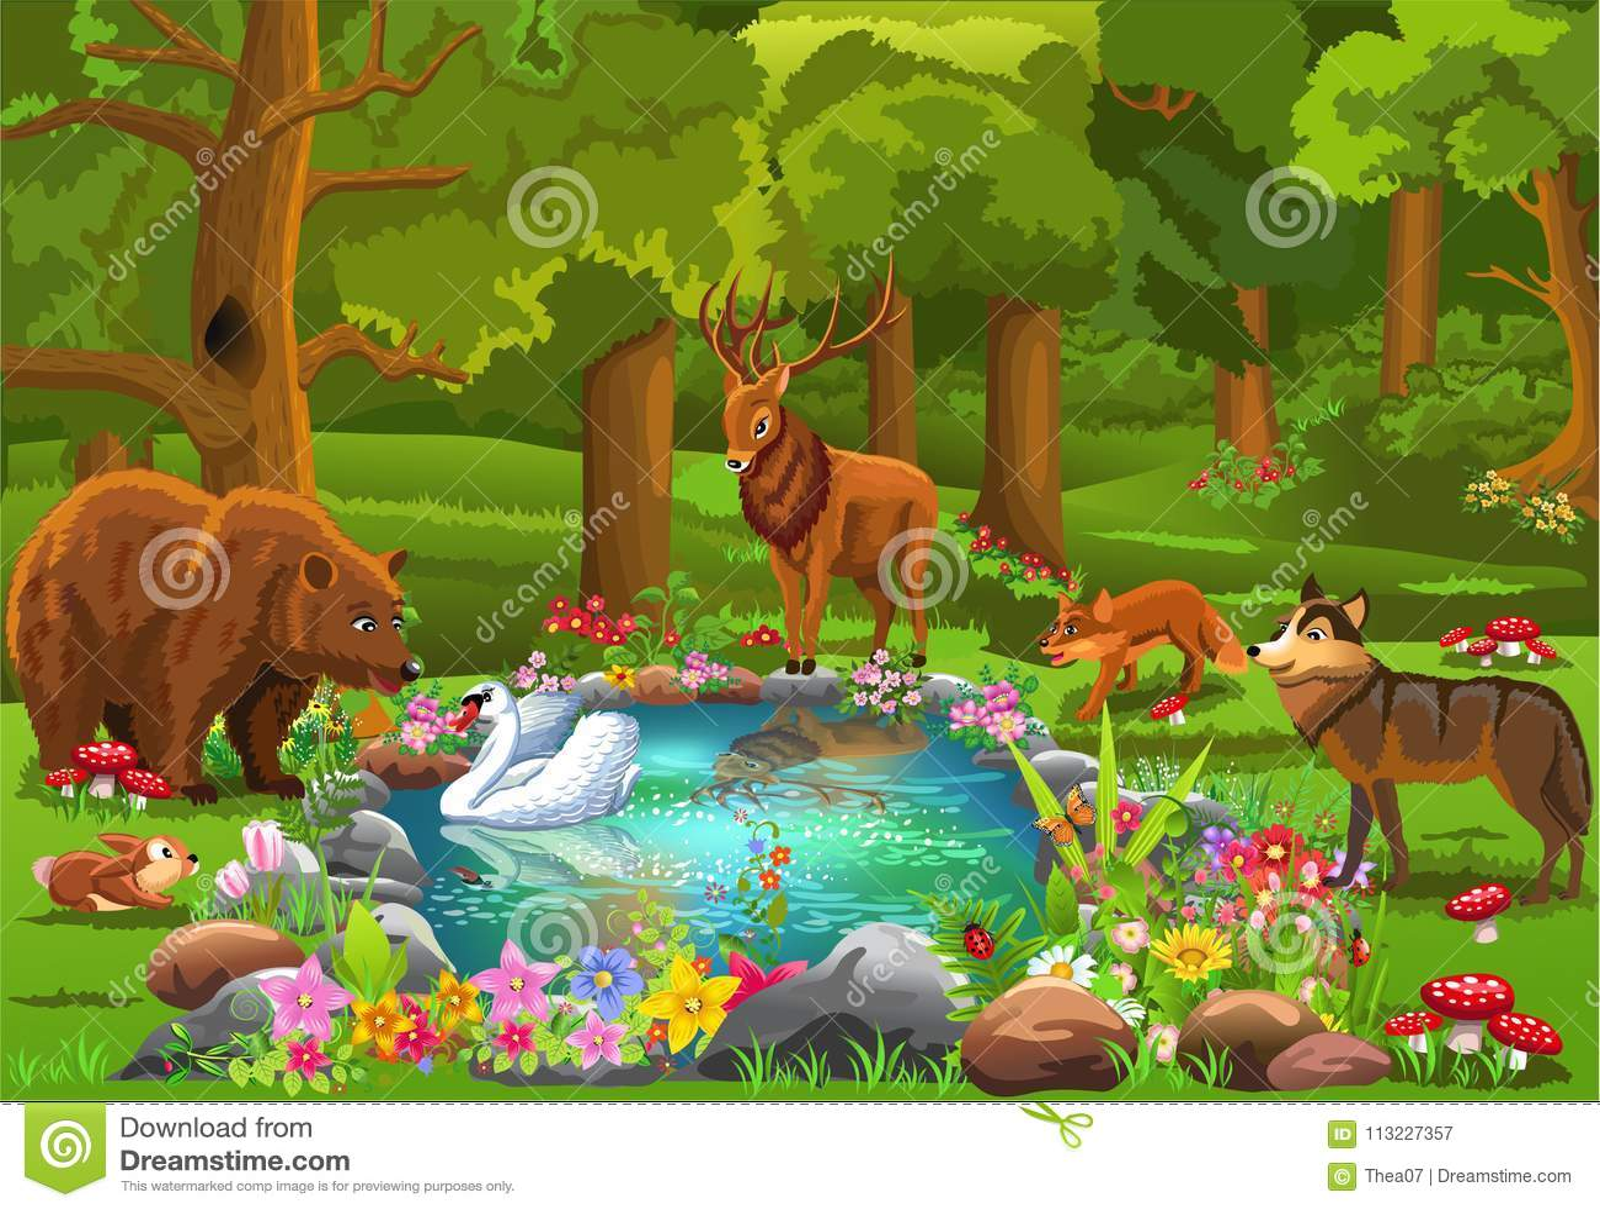 Wilde Tiere, die zum Waldteich umgeben durch Blumen in einer Märchenatmosphäre kommen